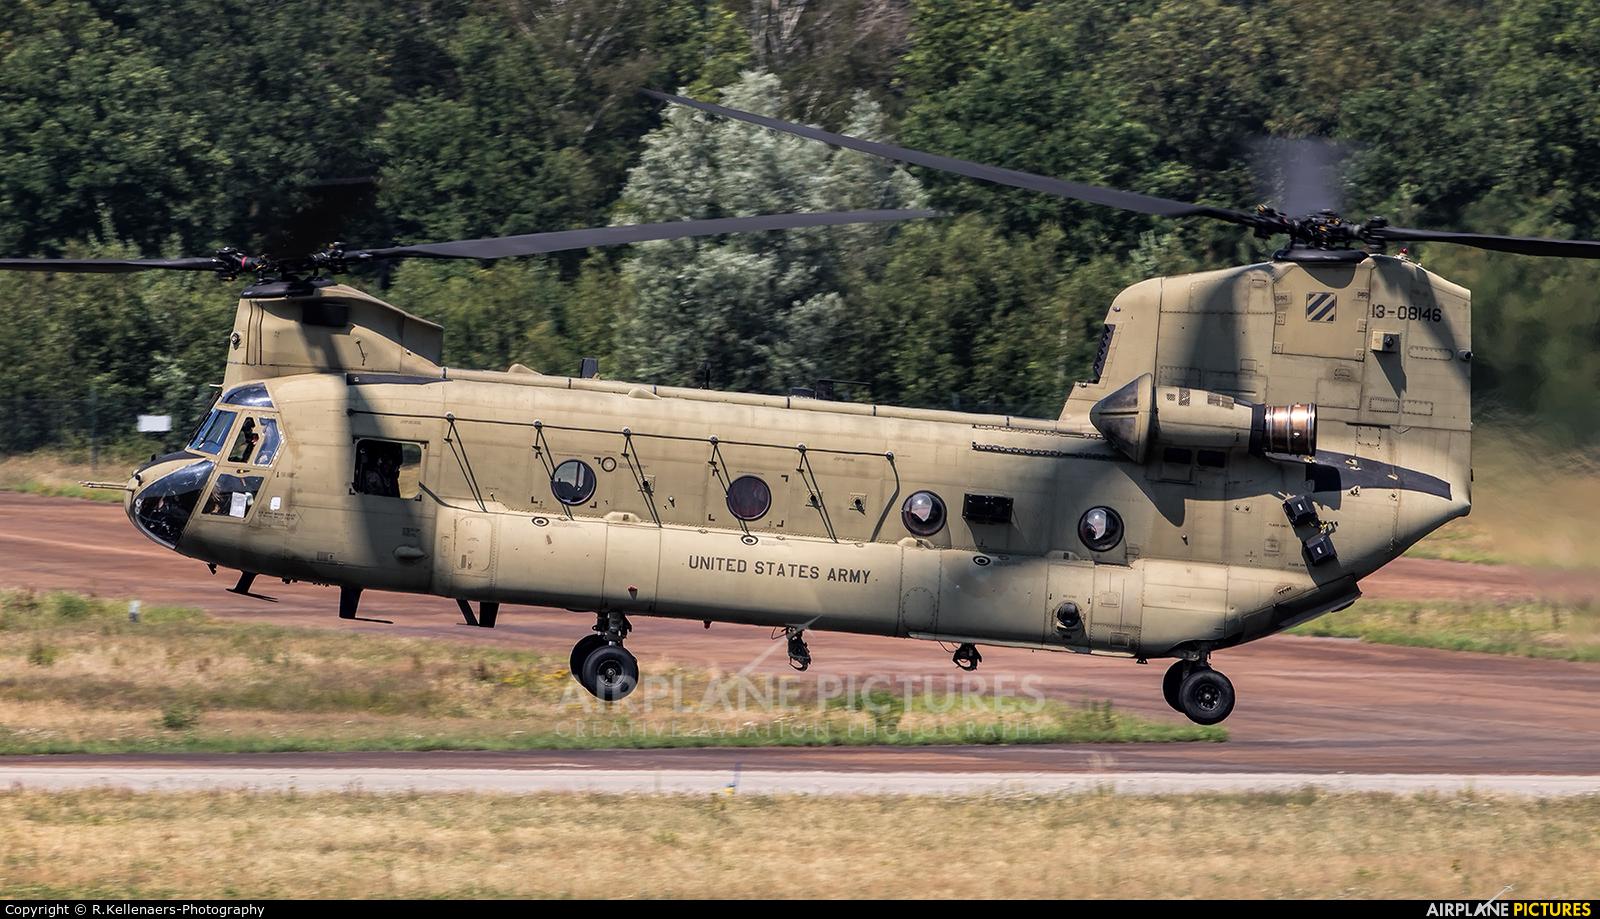 USA - Army 13-08146 aircraft at Eindhoven